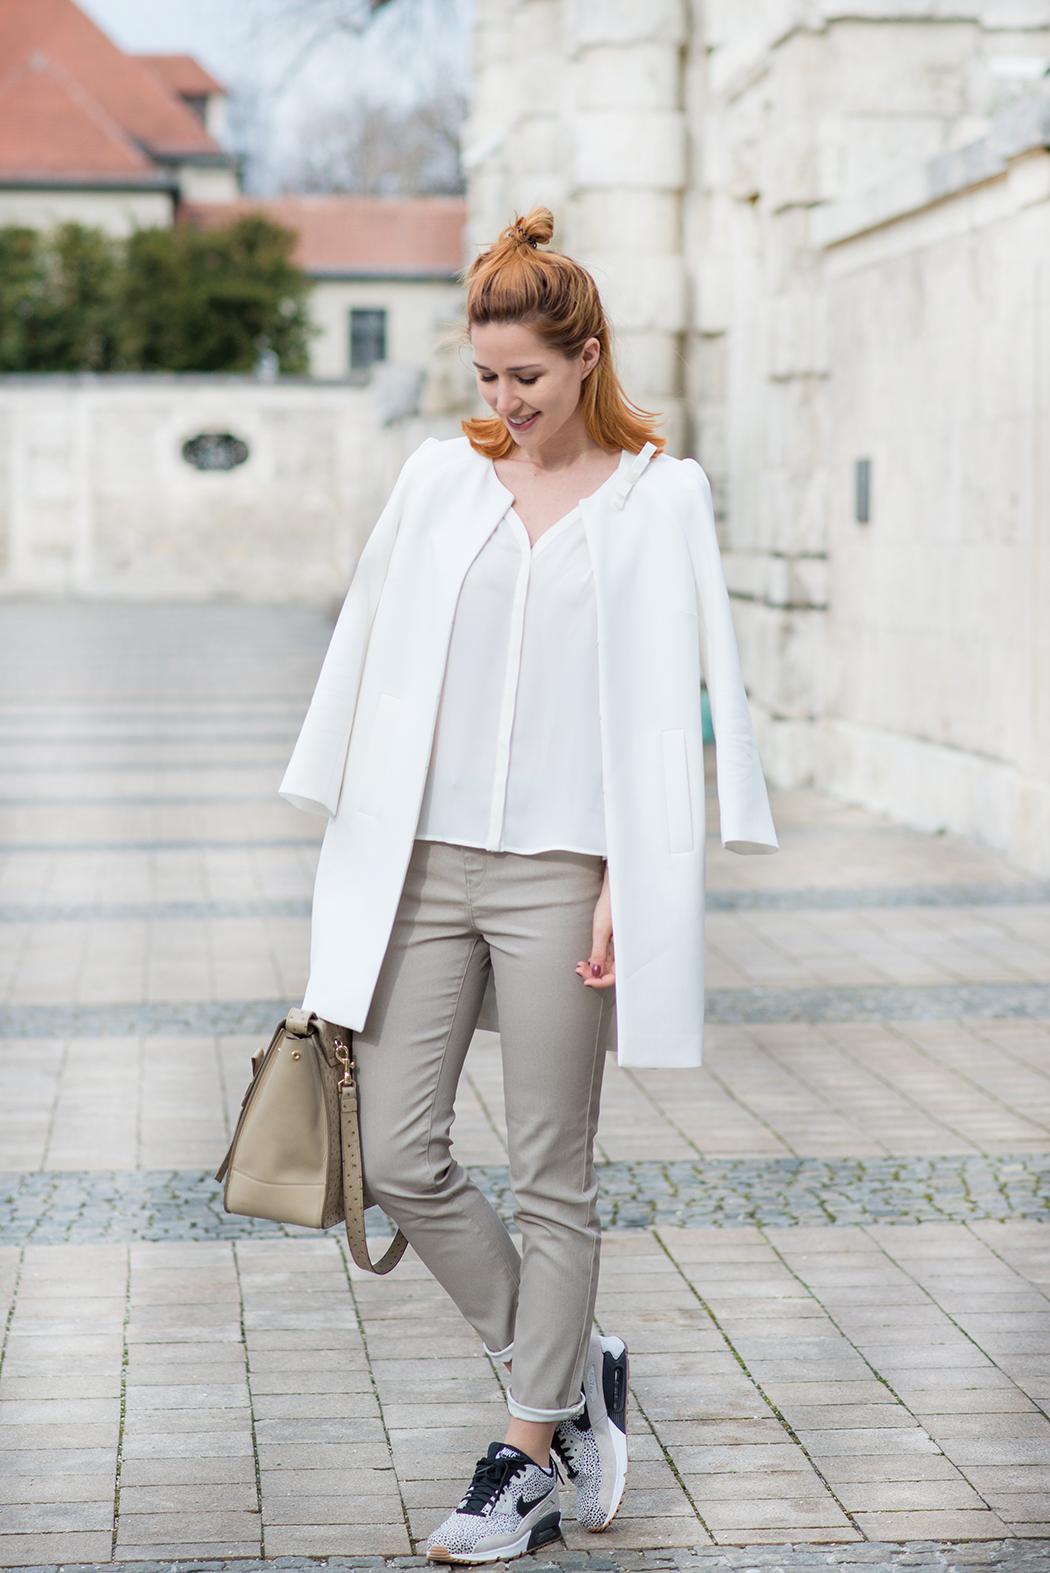 Fashionblog-Fashionblogger-Fashion-Blog-Blogger-Muenchen-Berlin-Escada-Bag-all_white-2-web